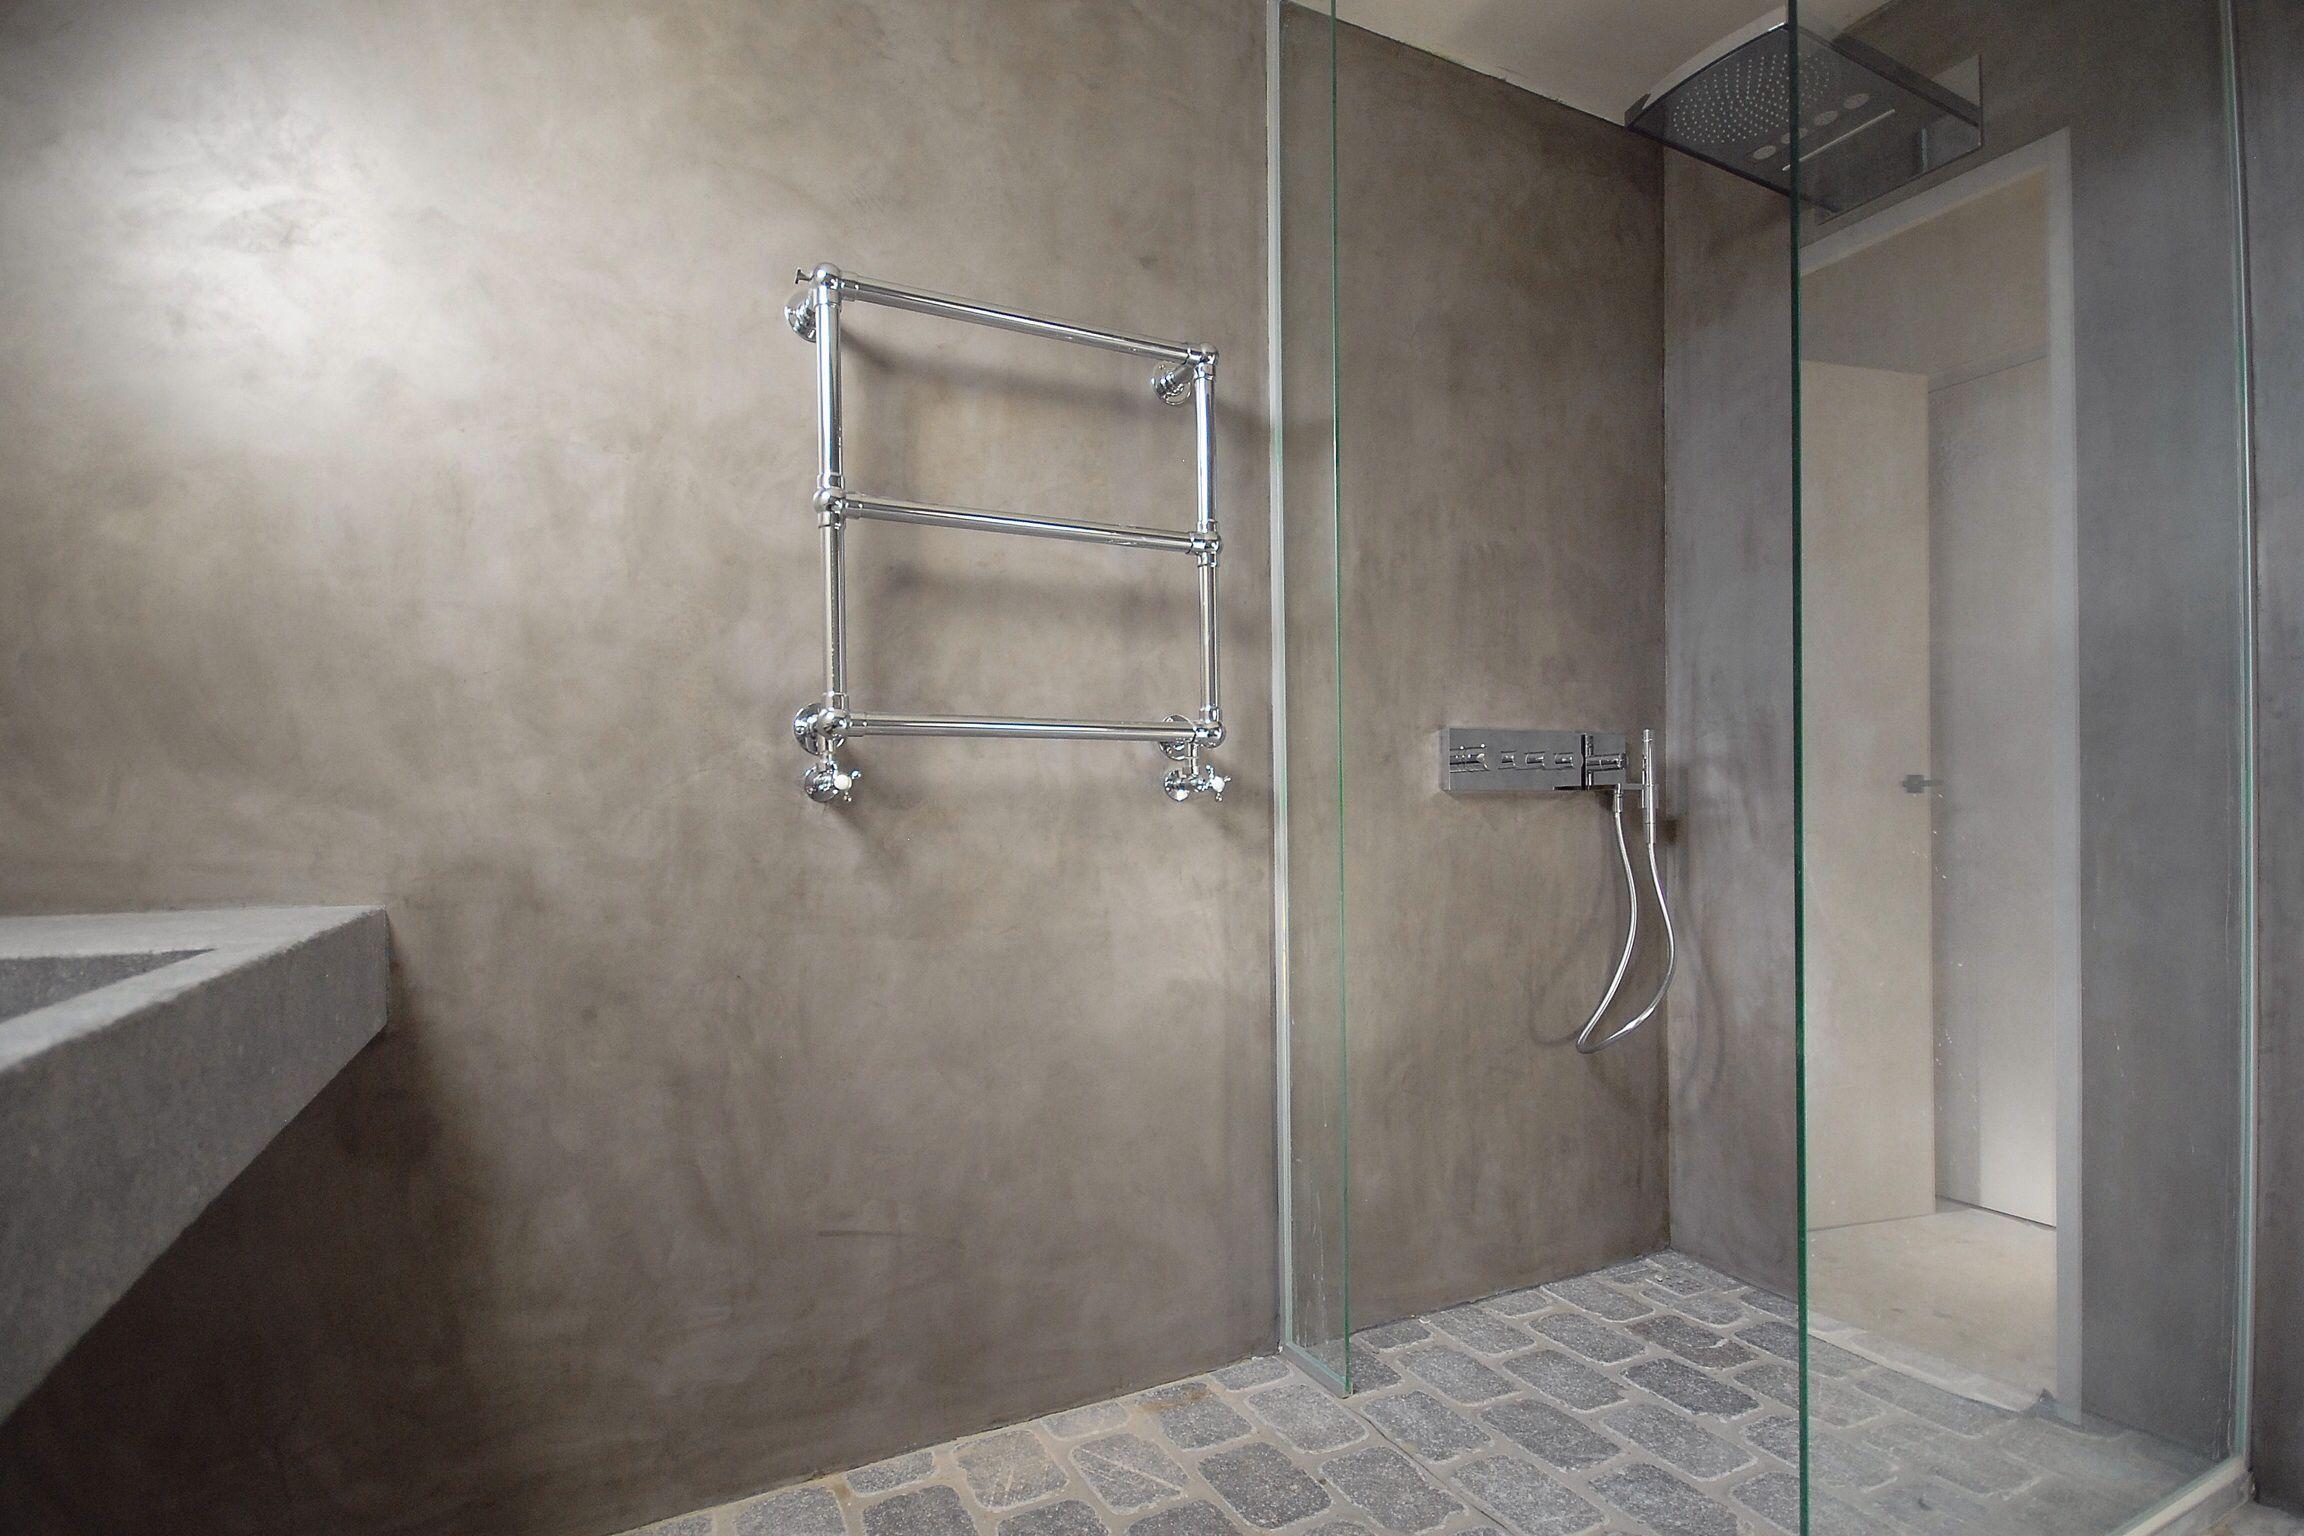 Stuc deco, Stoopen&Meeus, betonlook, tadelakt, beton cire look ...